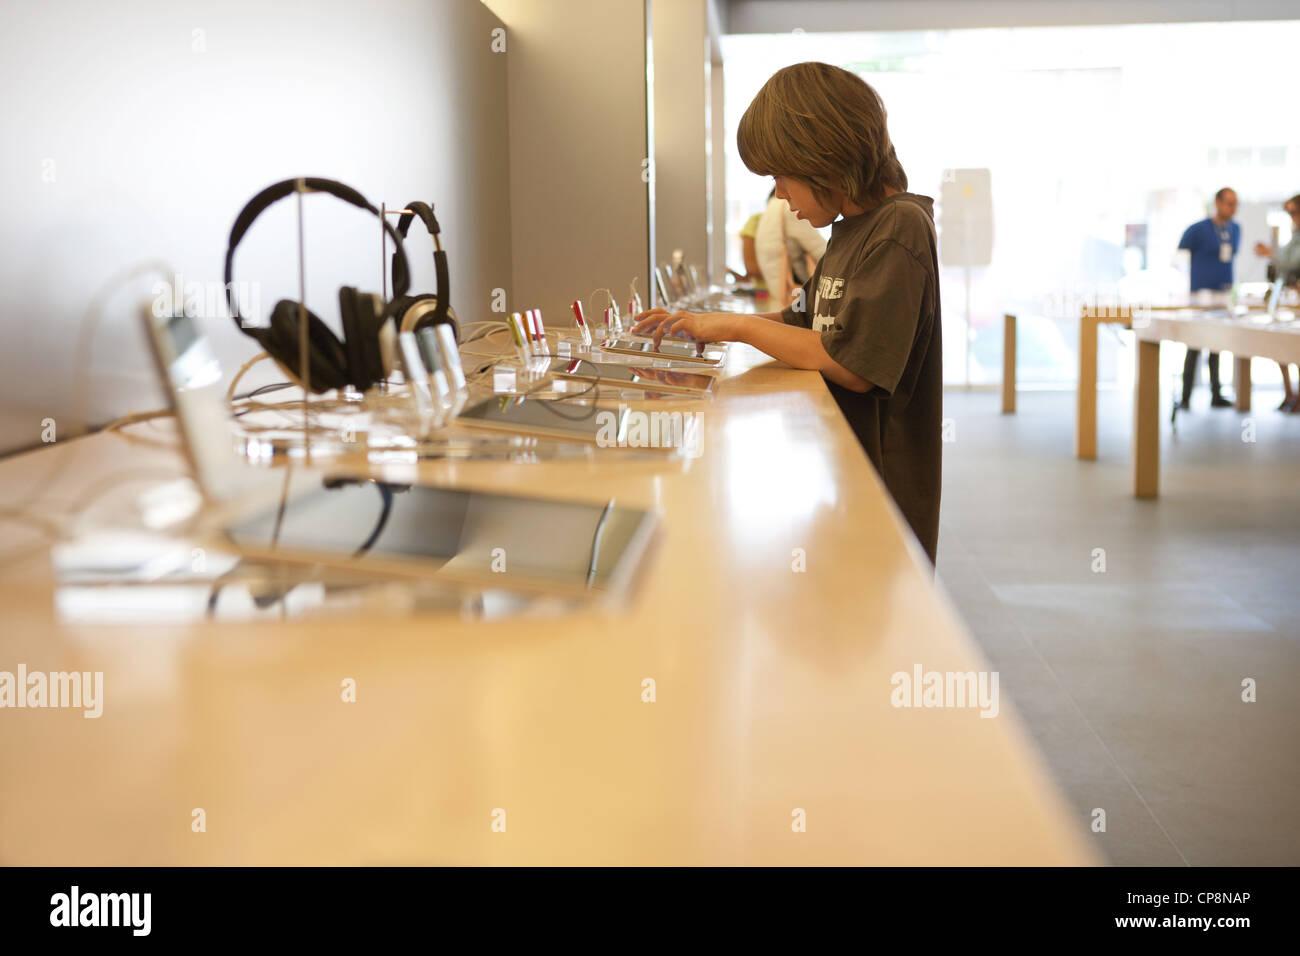 Neun Jahre alter Junge probiert die neueste Version des Ipad Tablette in einem Apple Store. Stockbild